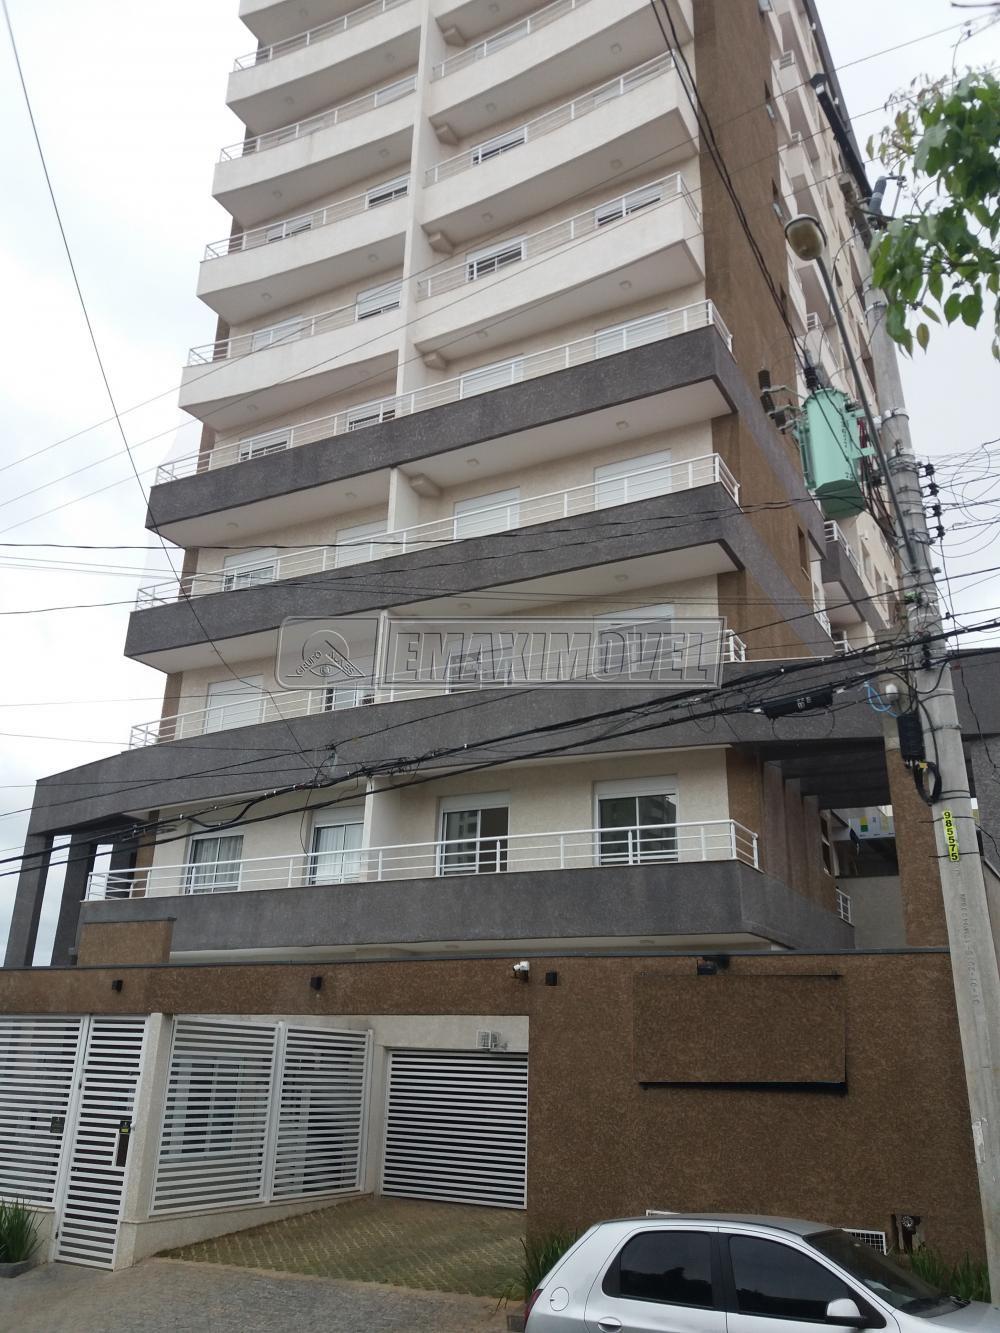 Comprar Apartamentos / Apto Padrão em Sorocaba apenas R$ 520.000,00 - Foto 1